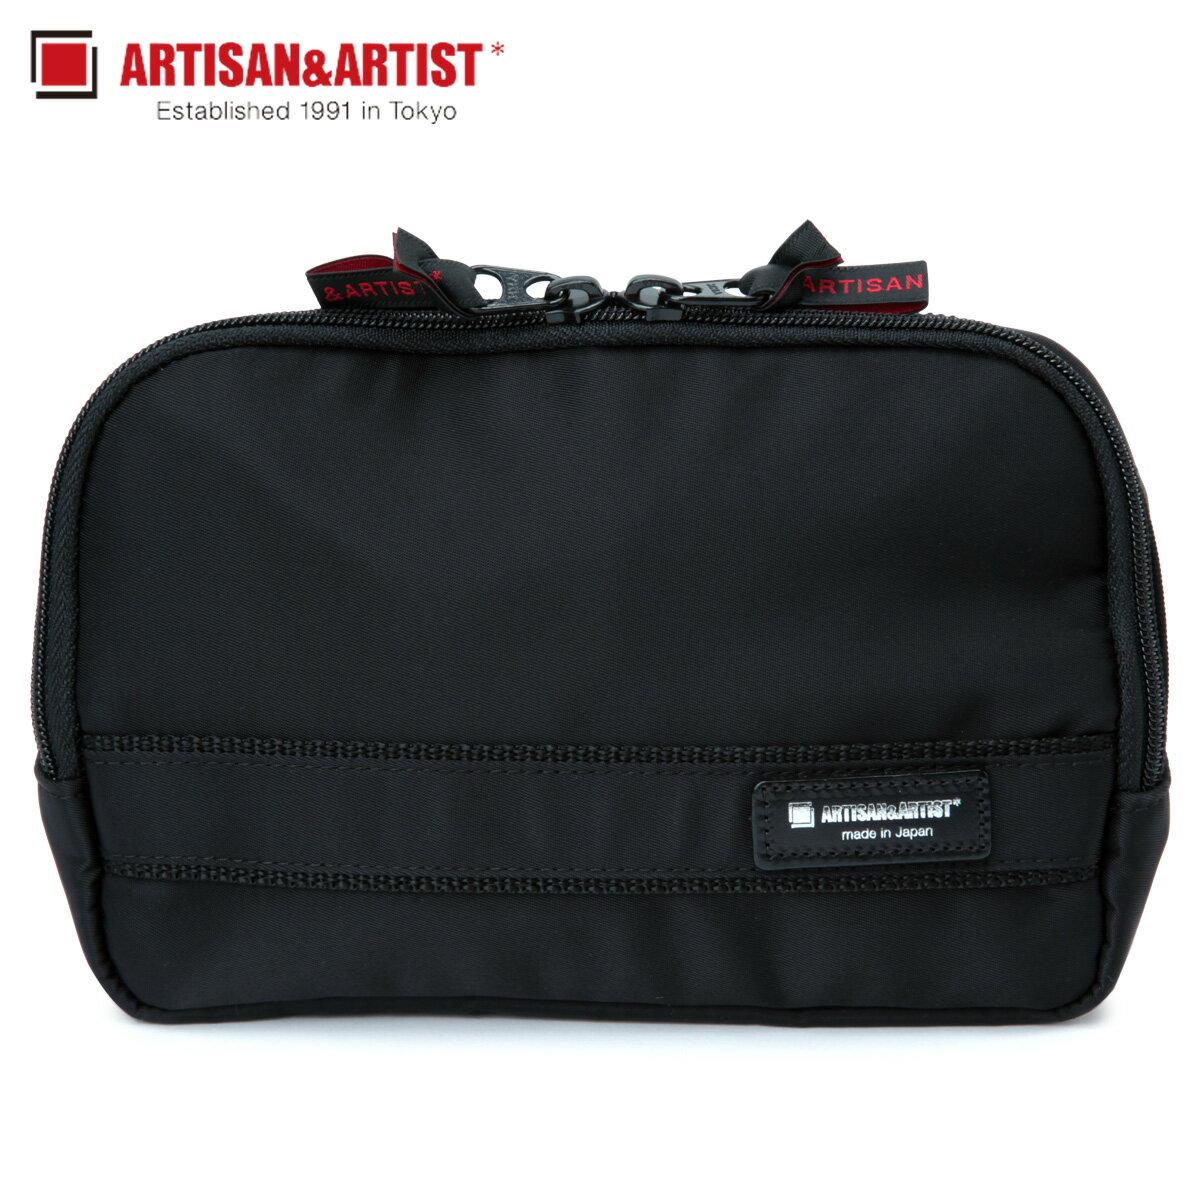 レディースバッグ, 化粧ポーチ 1000OFF ARTISANARTIST SIMPLEBASIC 7WP-BS110H